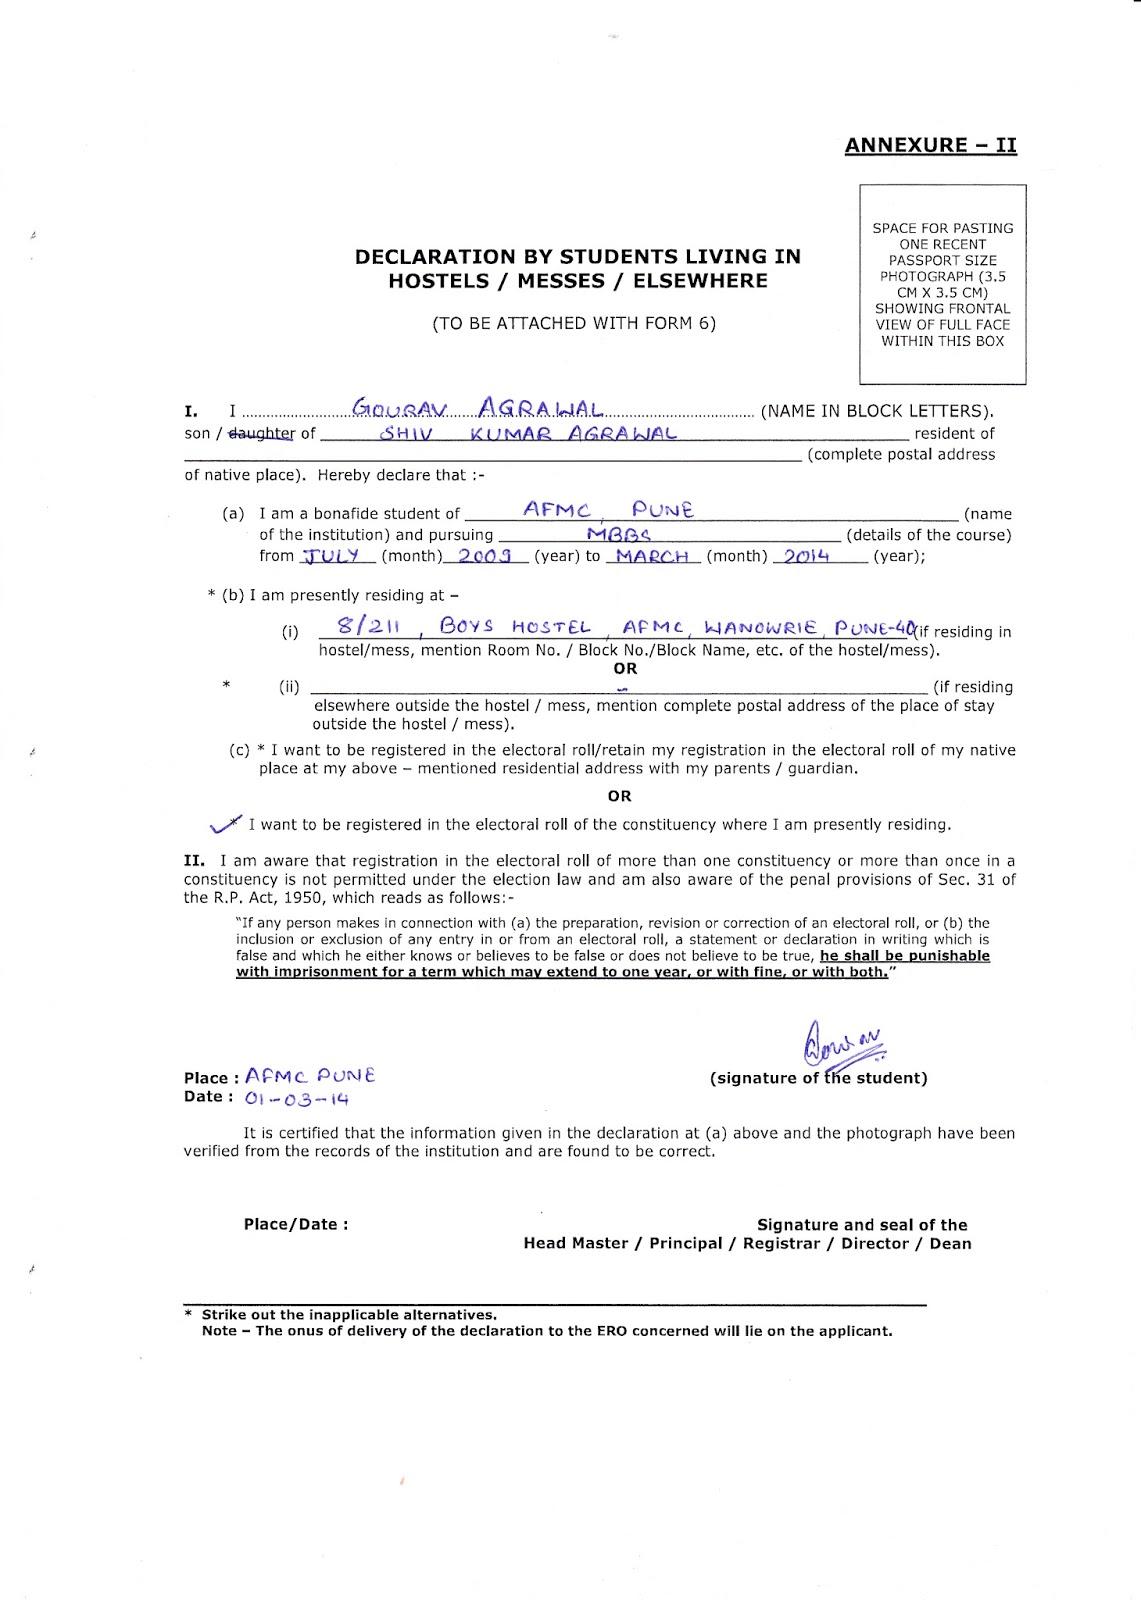 Statutory declaration letter format professional resume cv maker statutory declaration letter format statutory declarations attorney generals department declaration letter format a student declaration form spiritdancerdesigns Images